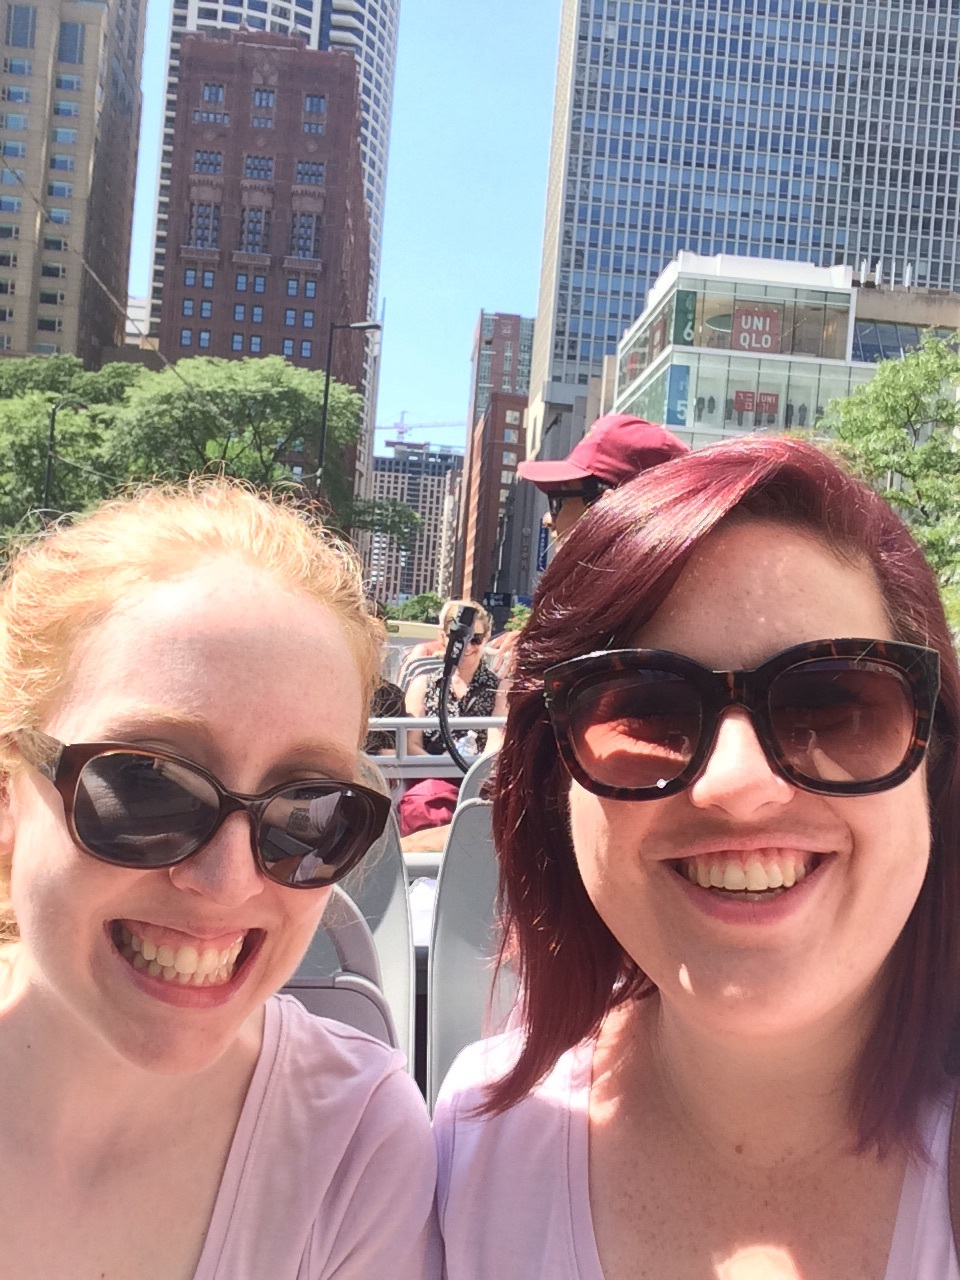 Bus tour selfie!